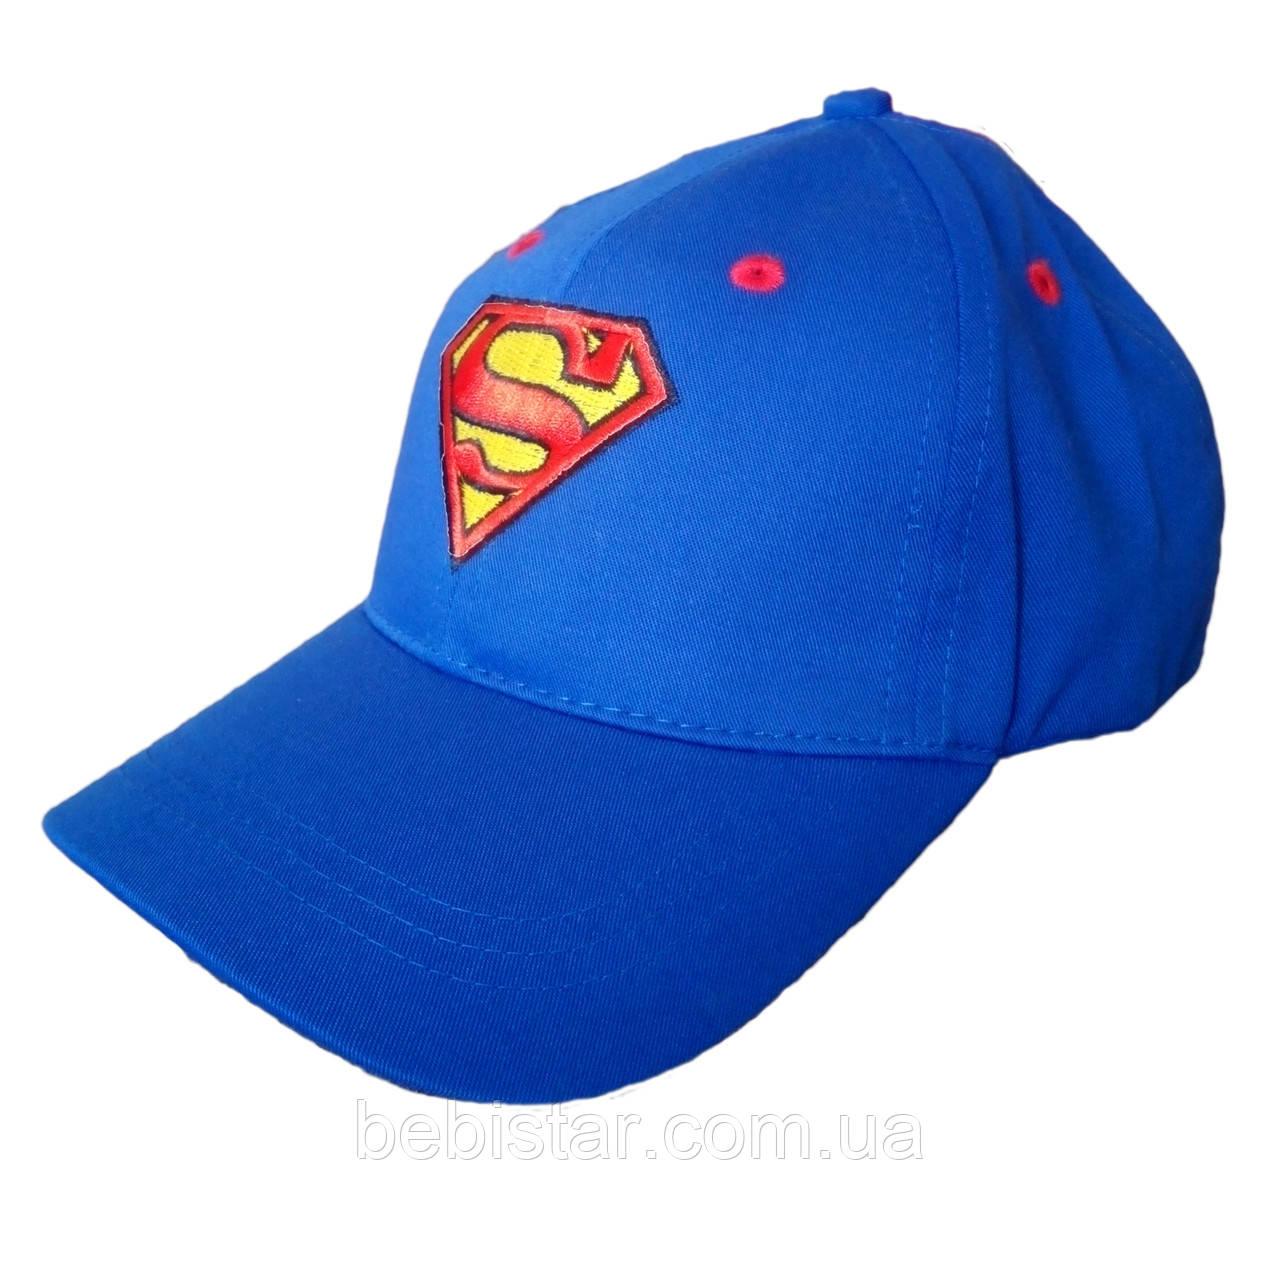 Кепка бейсболка супермен светло-синяя для мальчика